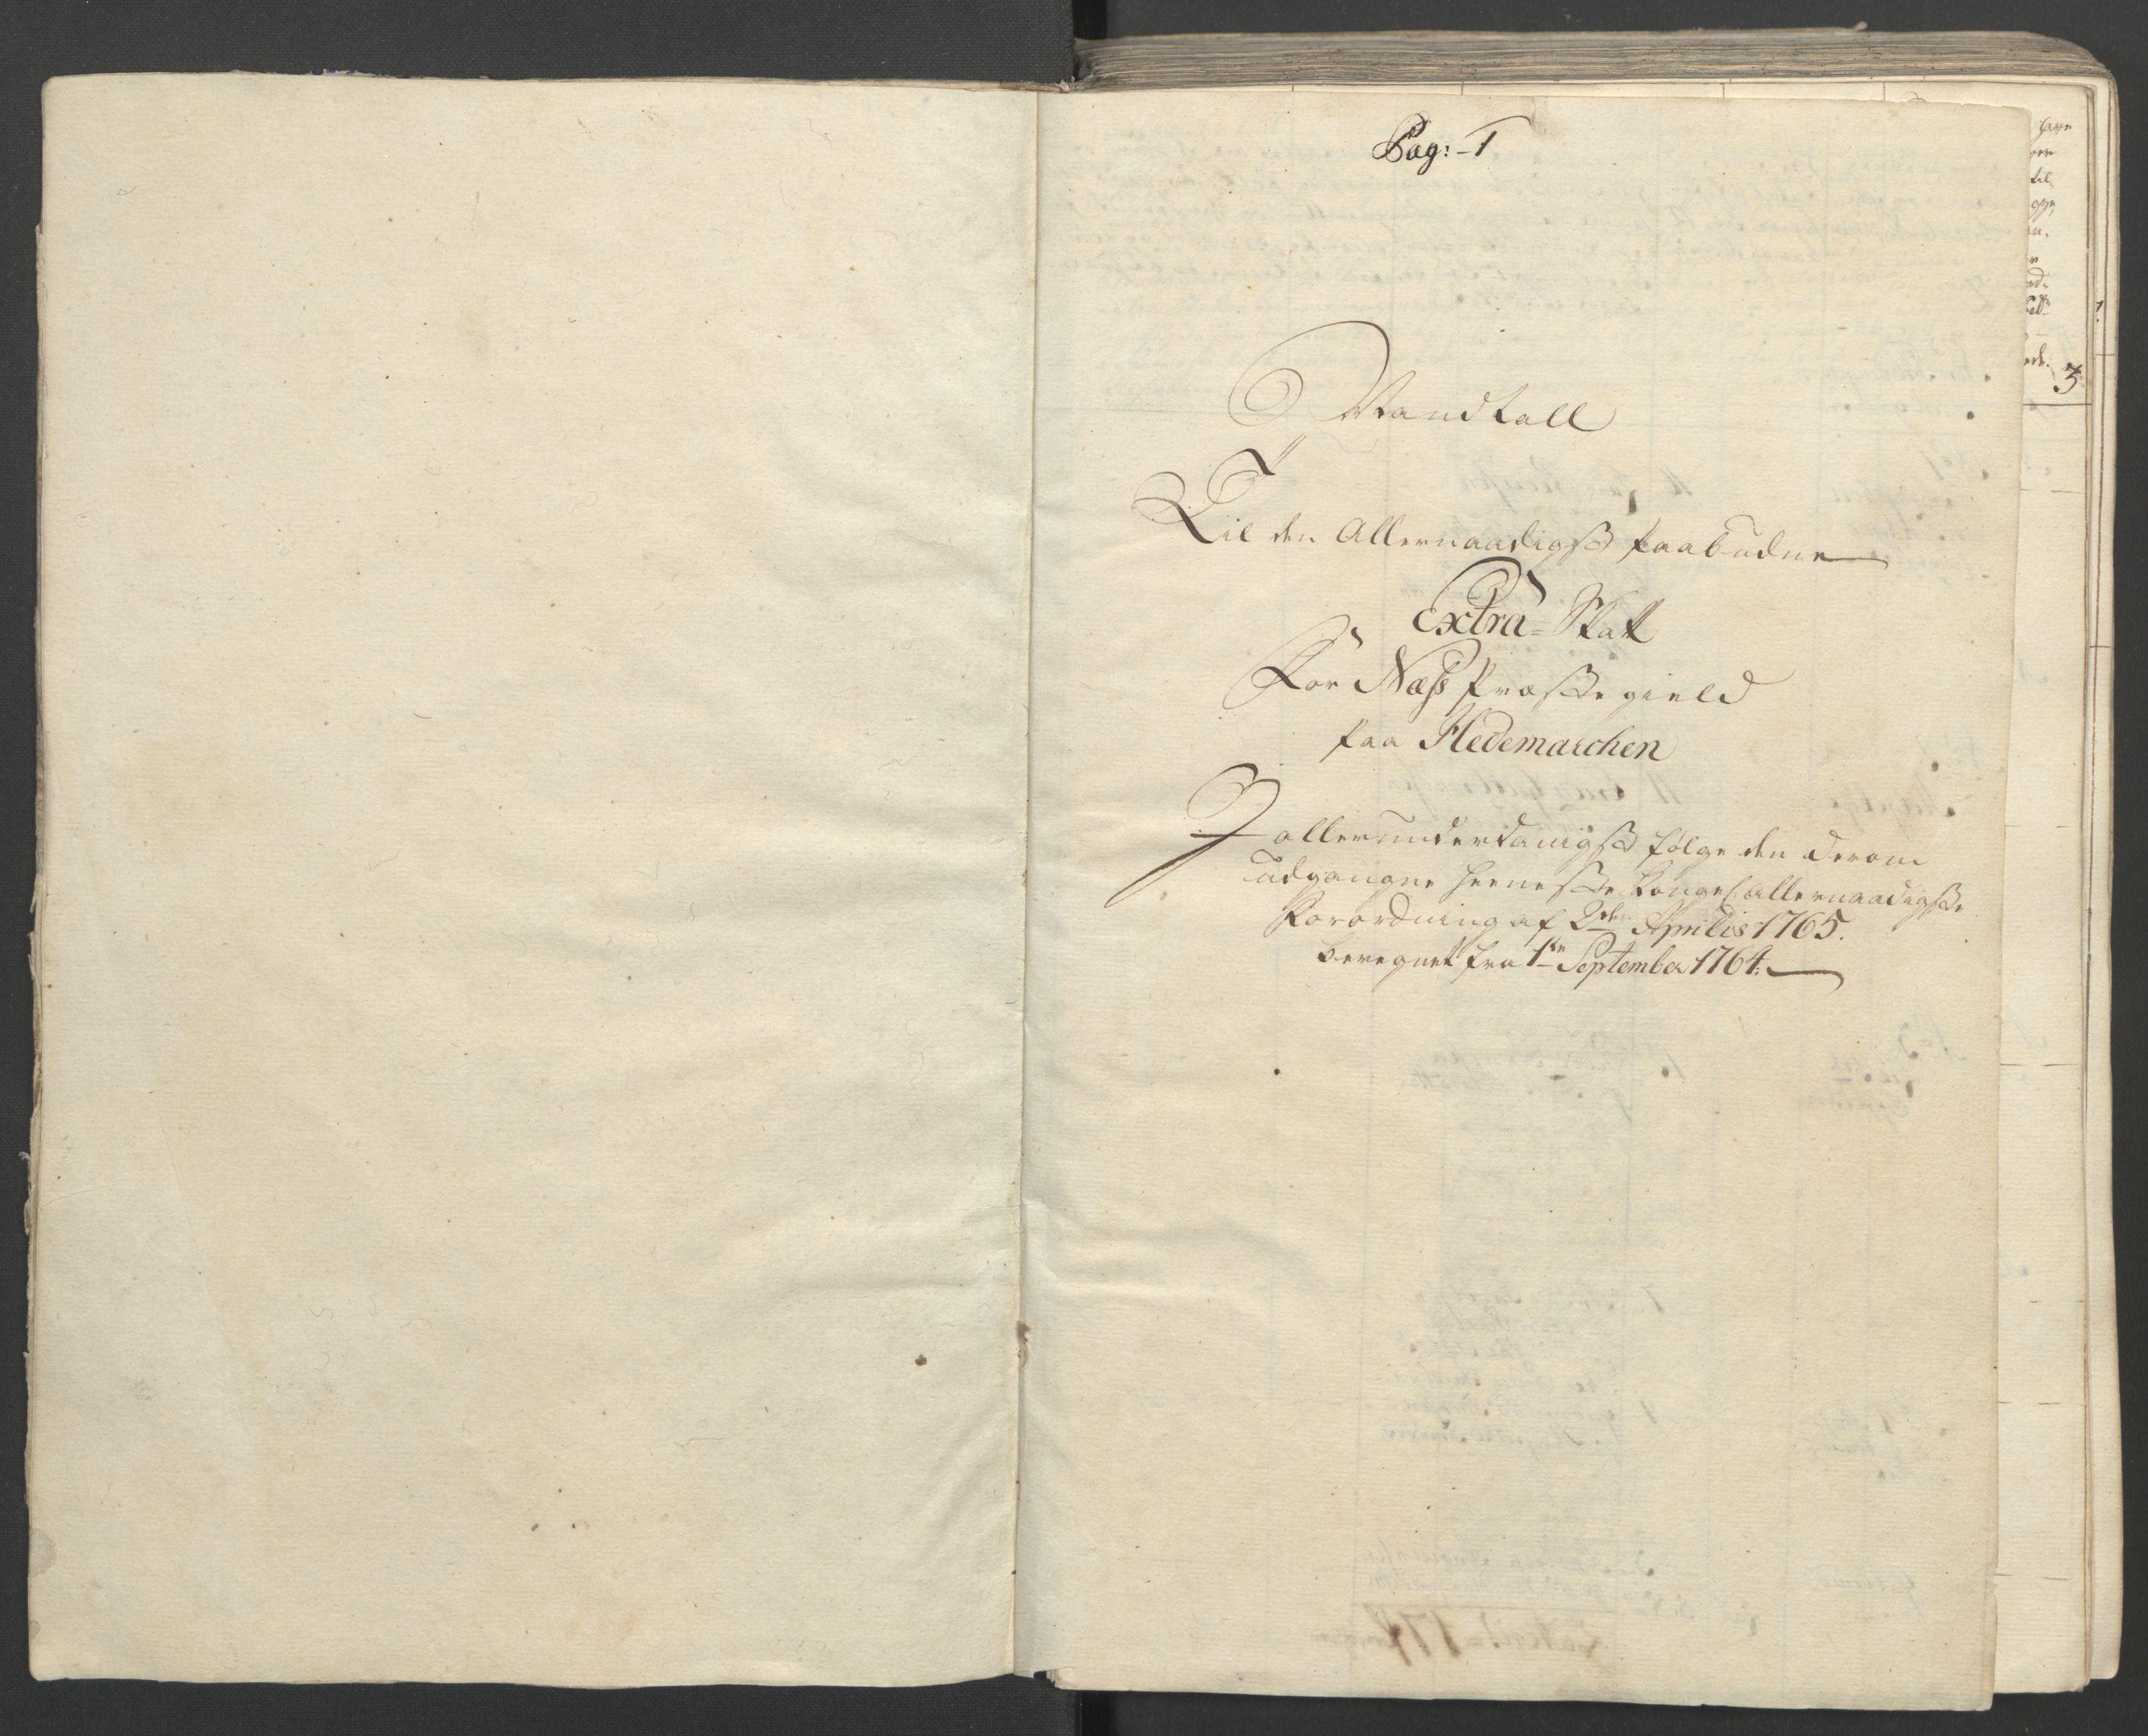 RA, Rentekammeret inntil 1814, Reviderte regnskaper, Fogderegnskap, R16/L1148: Ekstraskatten Hedmark, 1764, s. 4